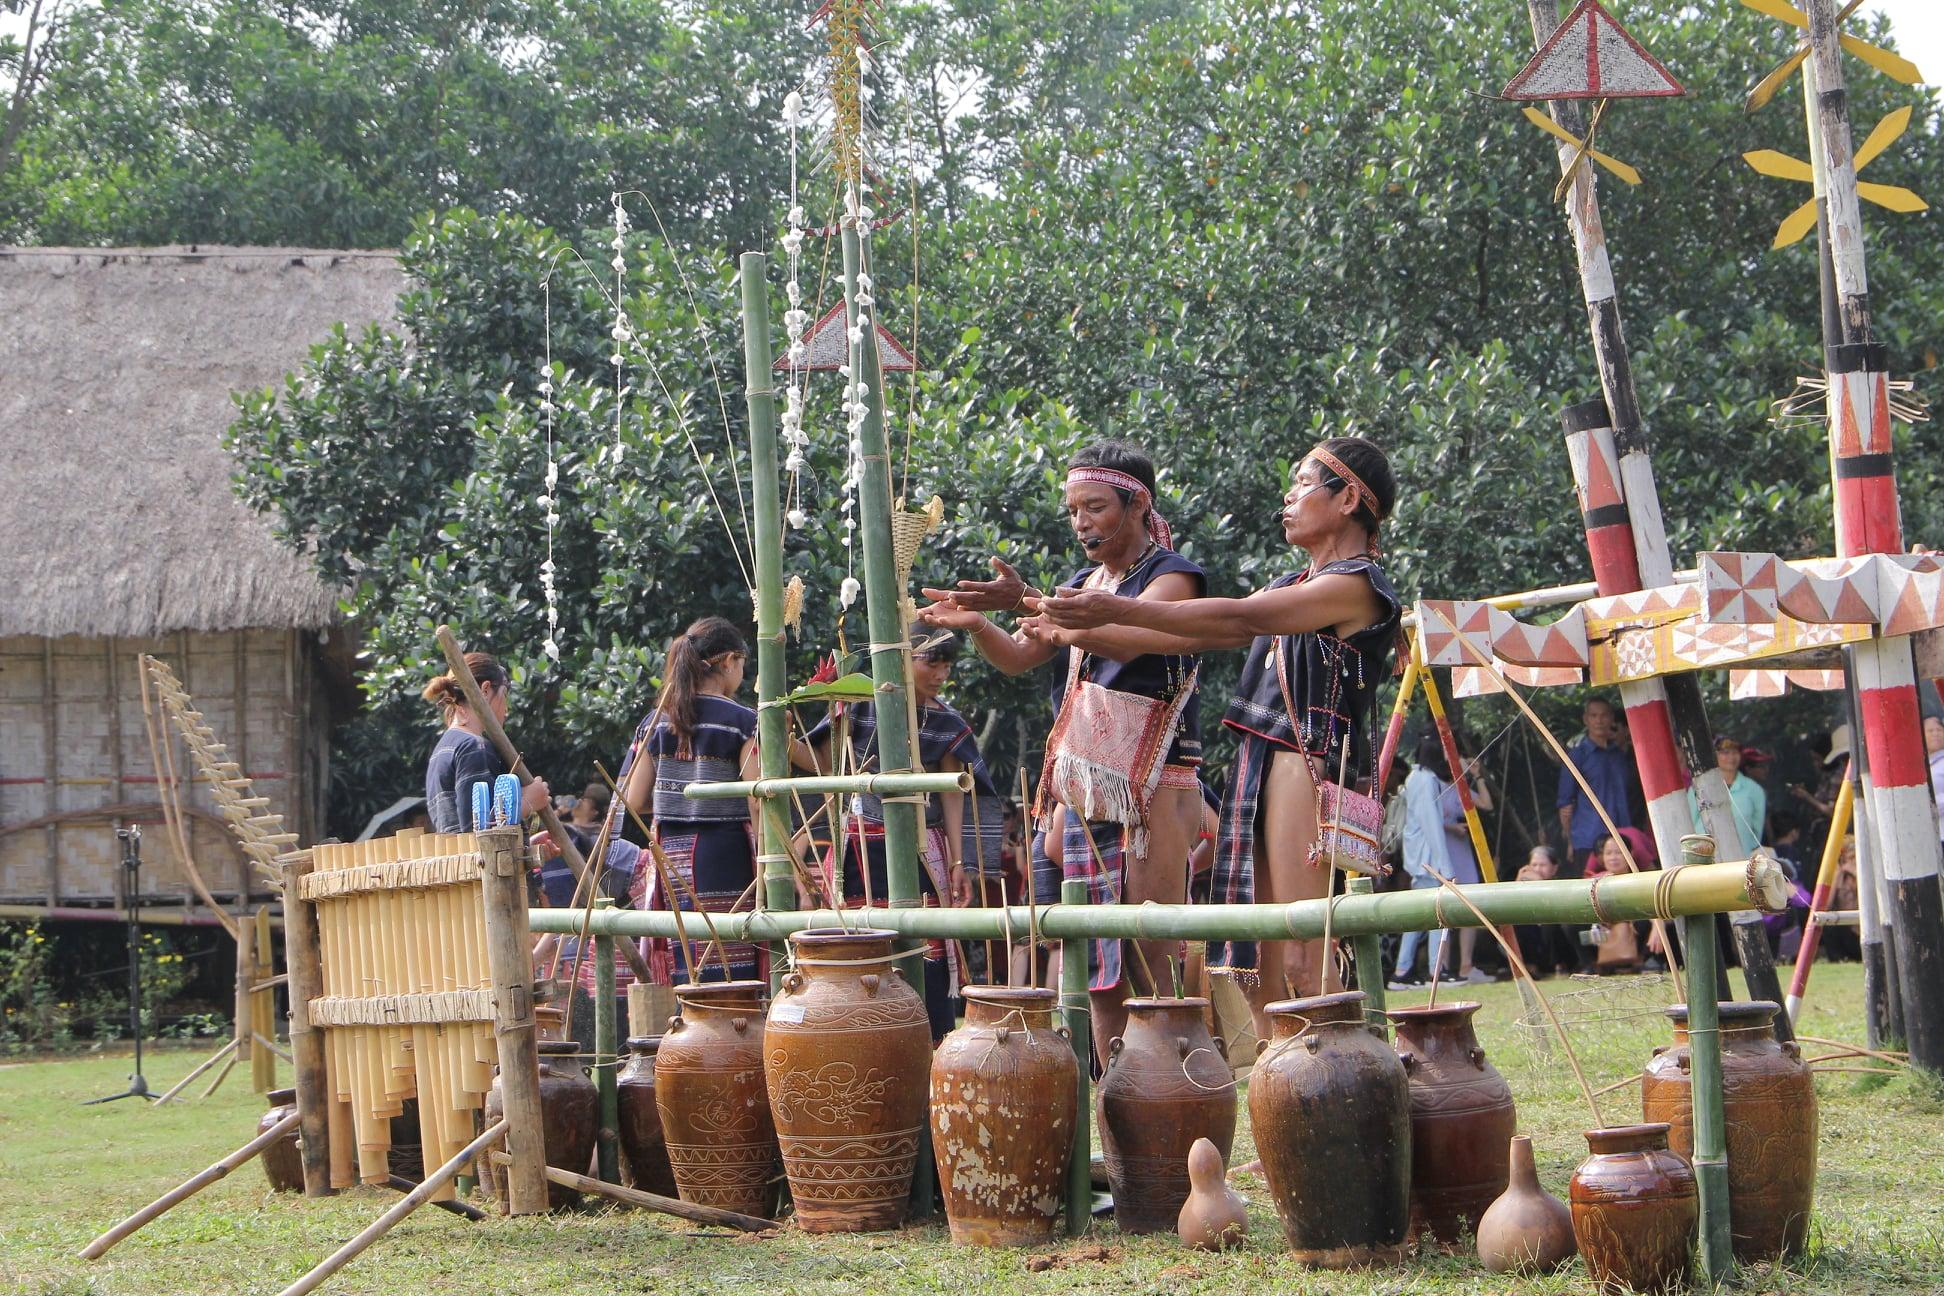 Nguồn kinh phí quyết định đến quy mô, thời gian, số lượng người tham gia…khi phục dựng lễ hội (Trong ảnh: tái hiện nghi thức Mừng lúa mới đồng bào dân tộc Ba Na huyện K'Bang, tỉnh Gia Lai)